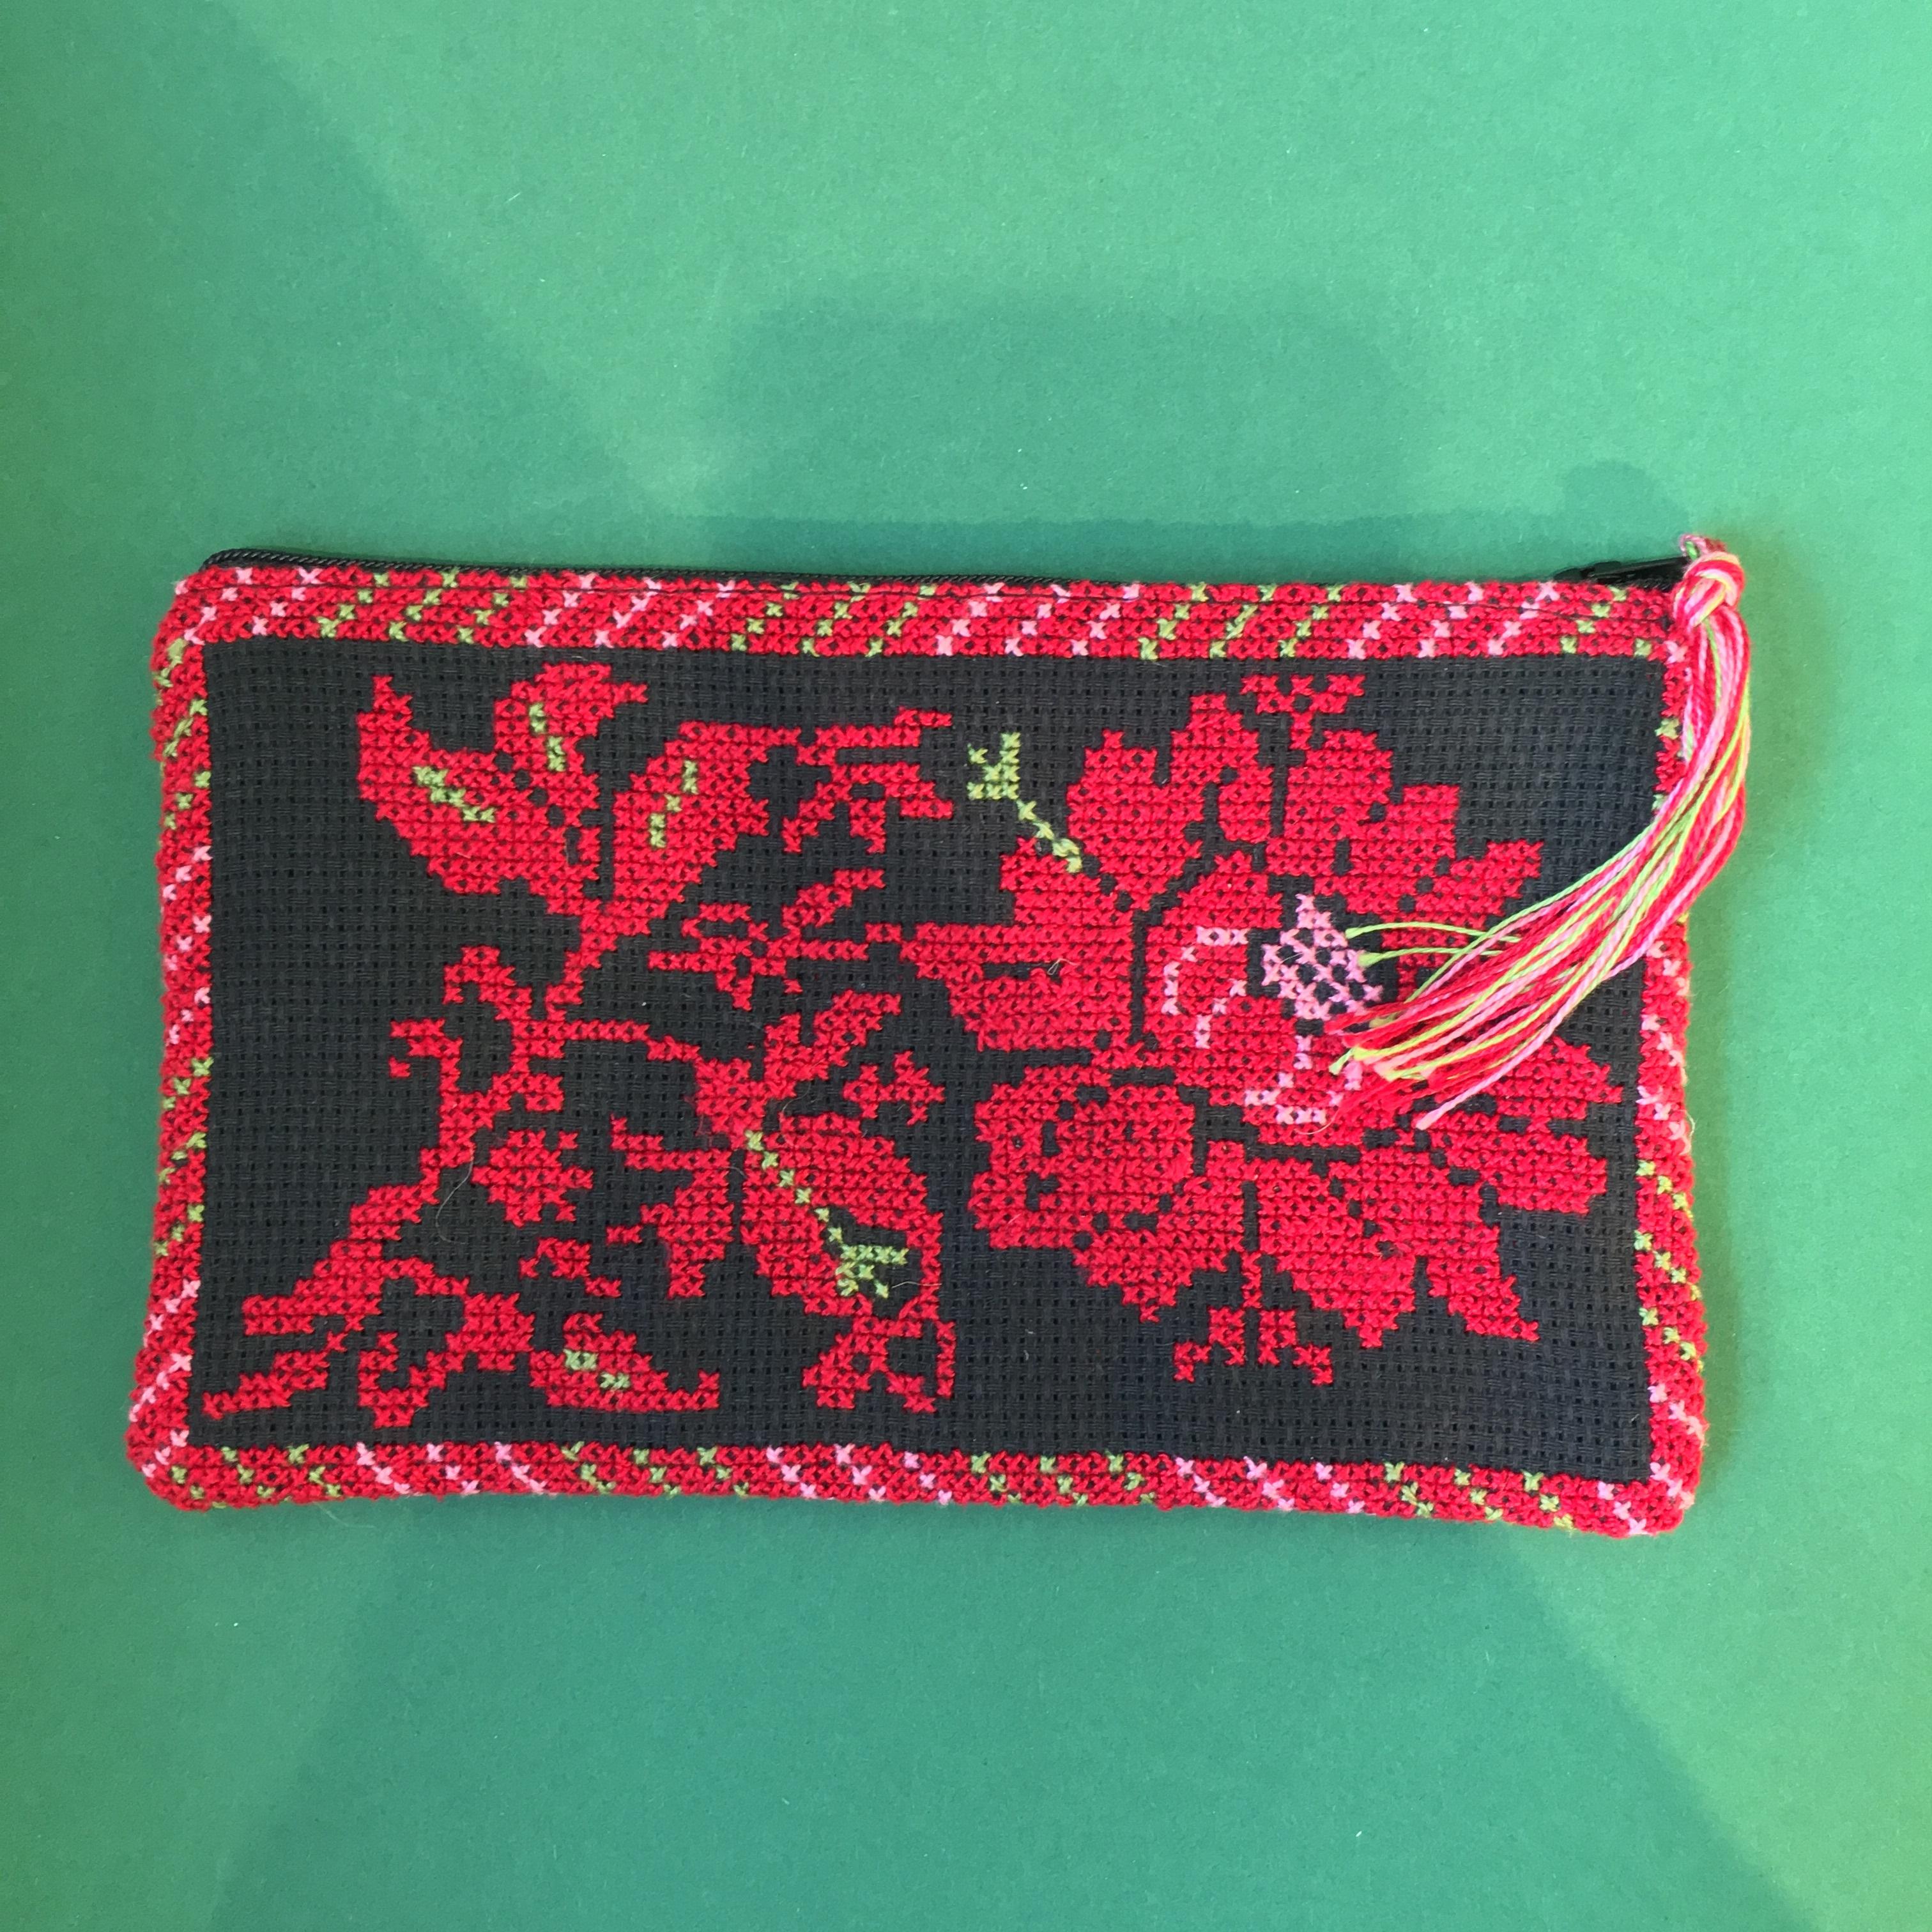 Brodert pung med rosemønster